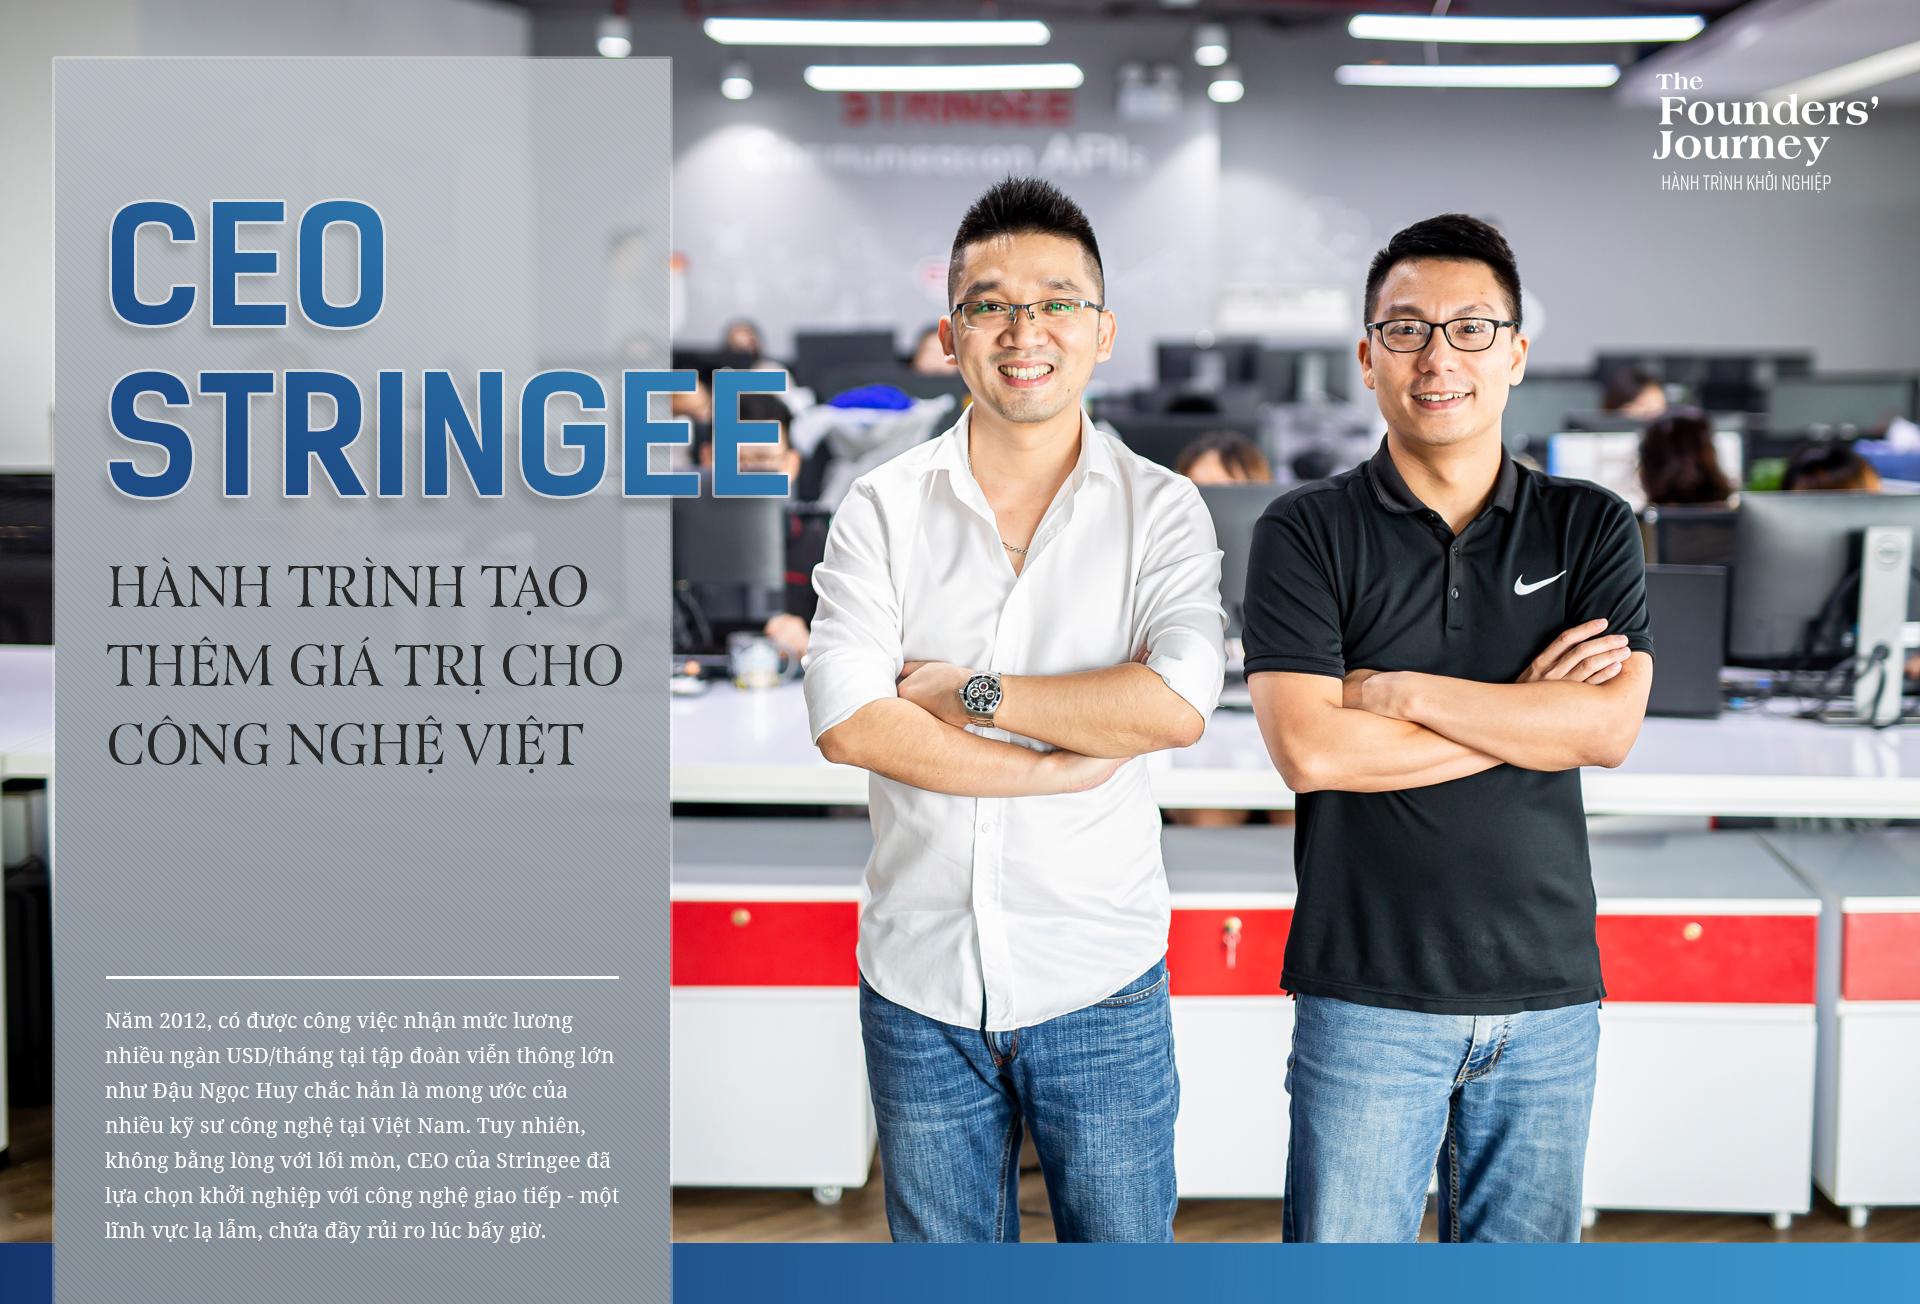 CEO Stringee và hành trình tạo thêm giá trị cho công nghệ Việt